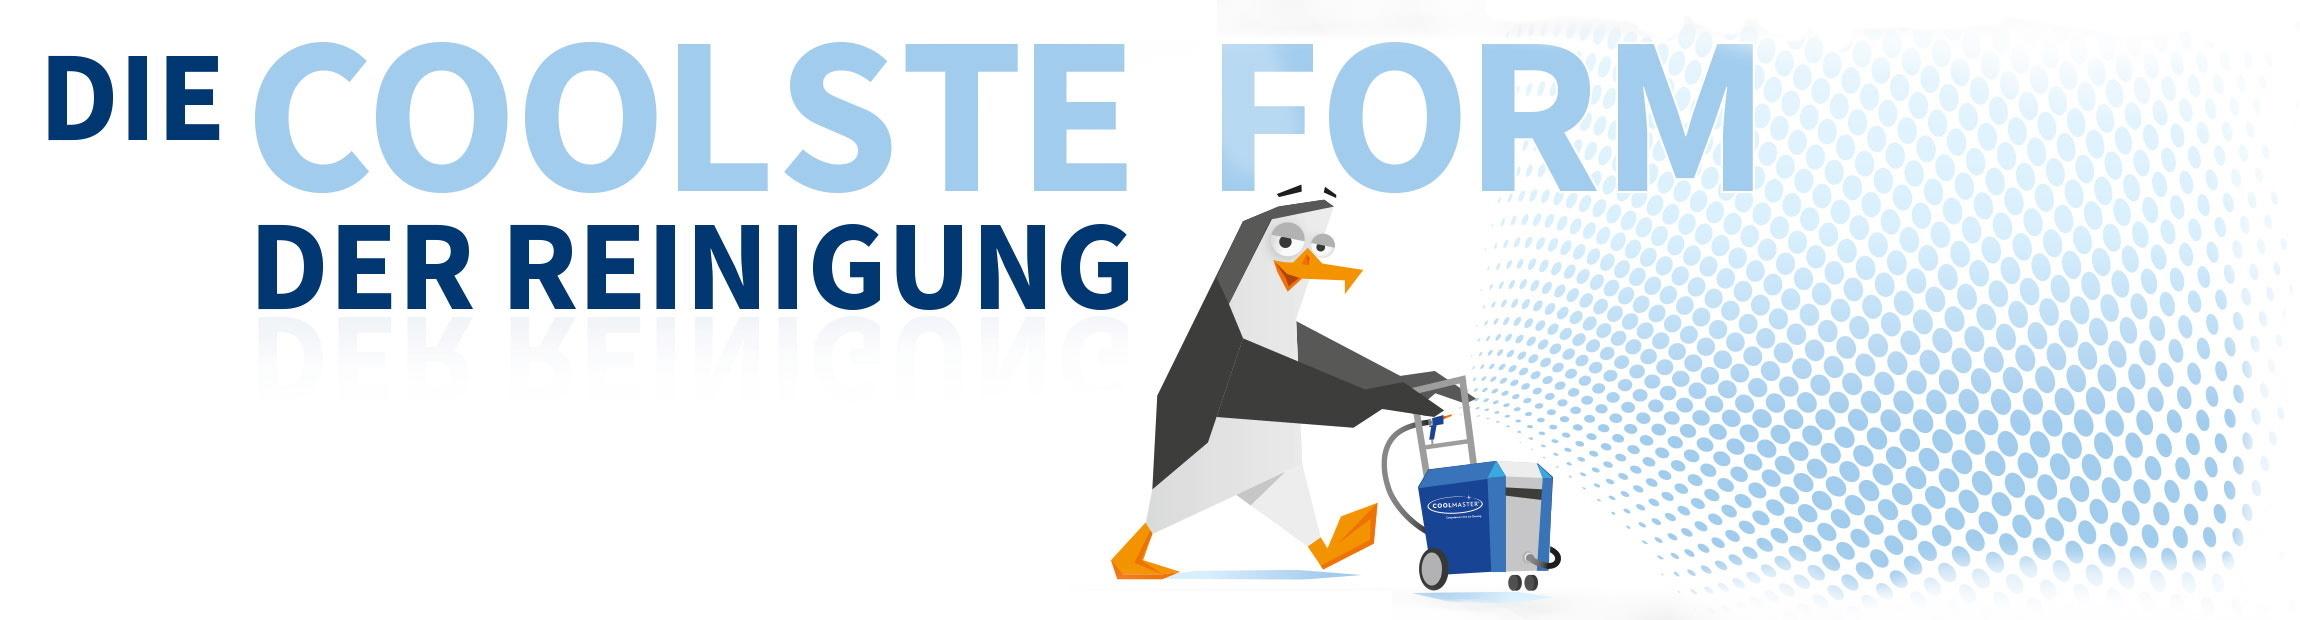 Pinguin_banner_webs